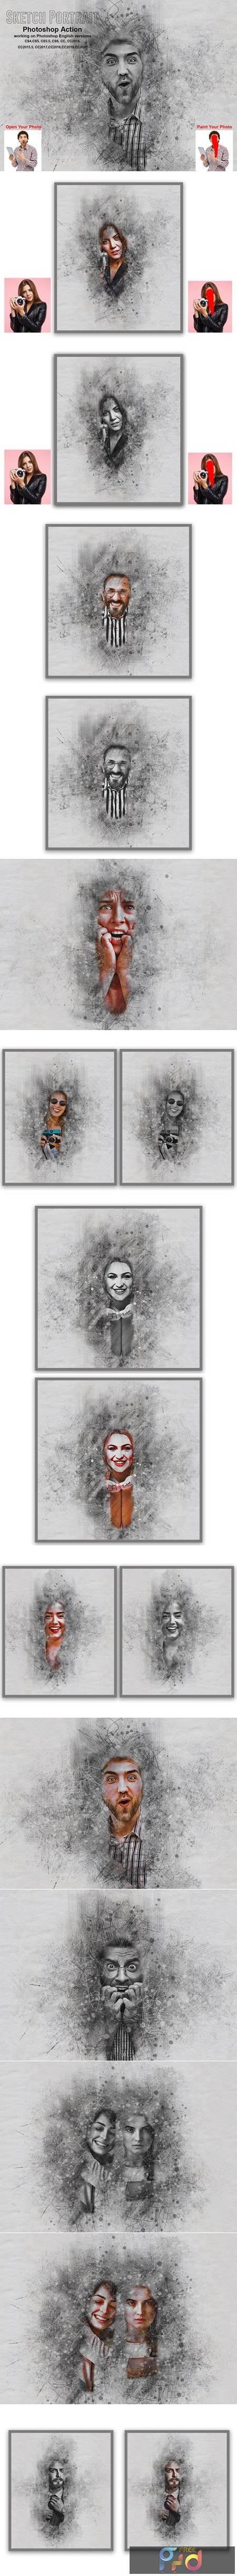 Sketch Portrait Photoshop Action 5552041 1